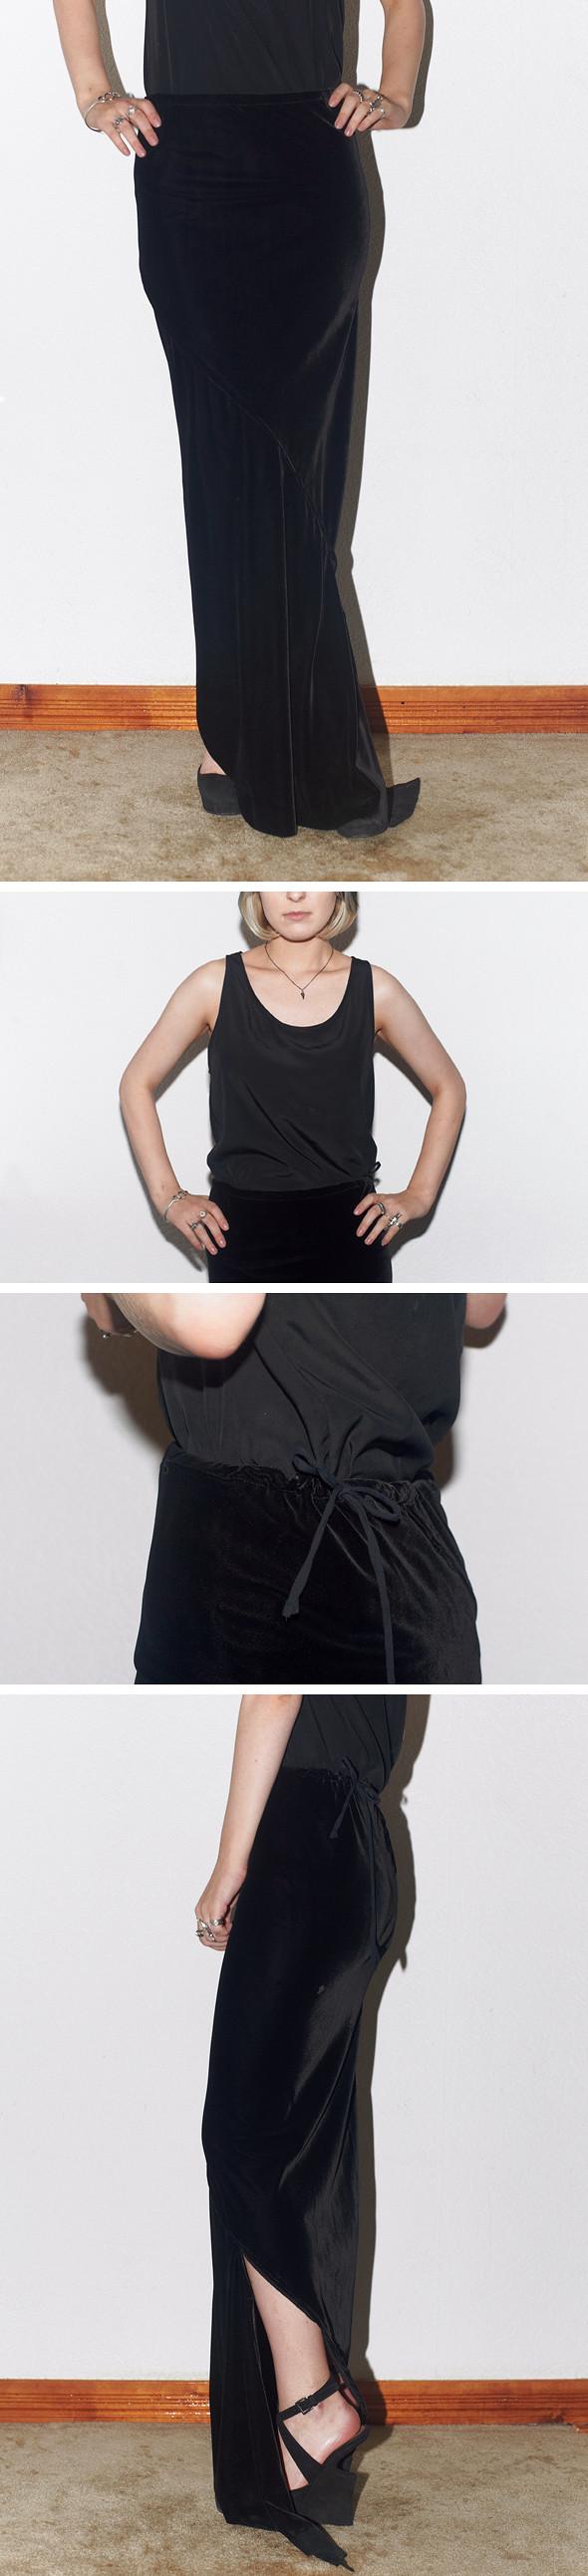 Гардероб: Анна Фрост, главный редактор Vogue.ru. Изображение № 9.